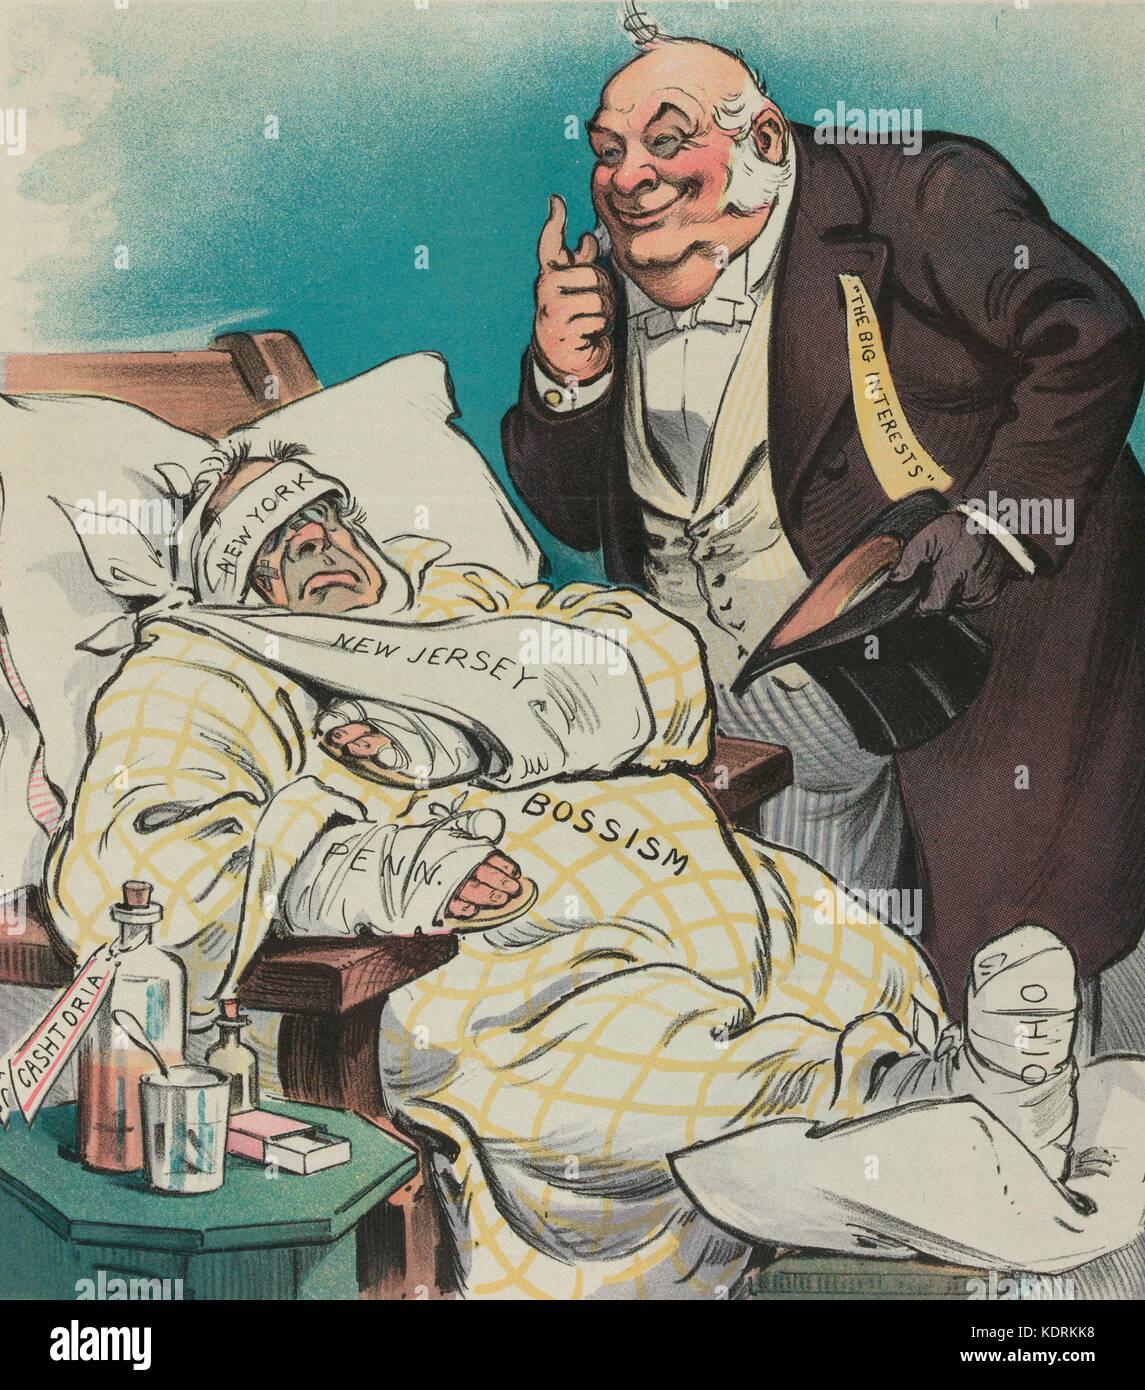 Doctor Cartoon Illustration Stockfotos & Doctor Cartoon Illustration ...